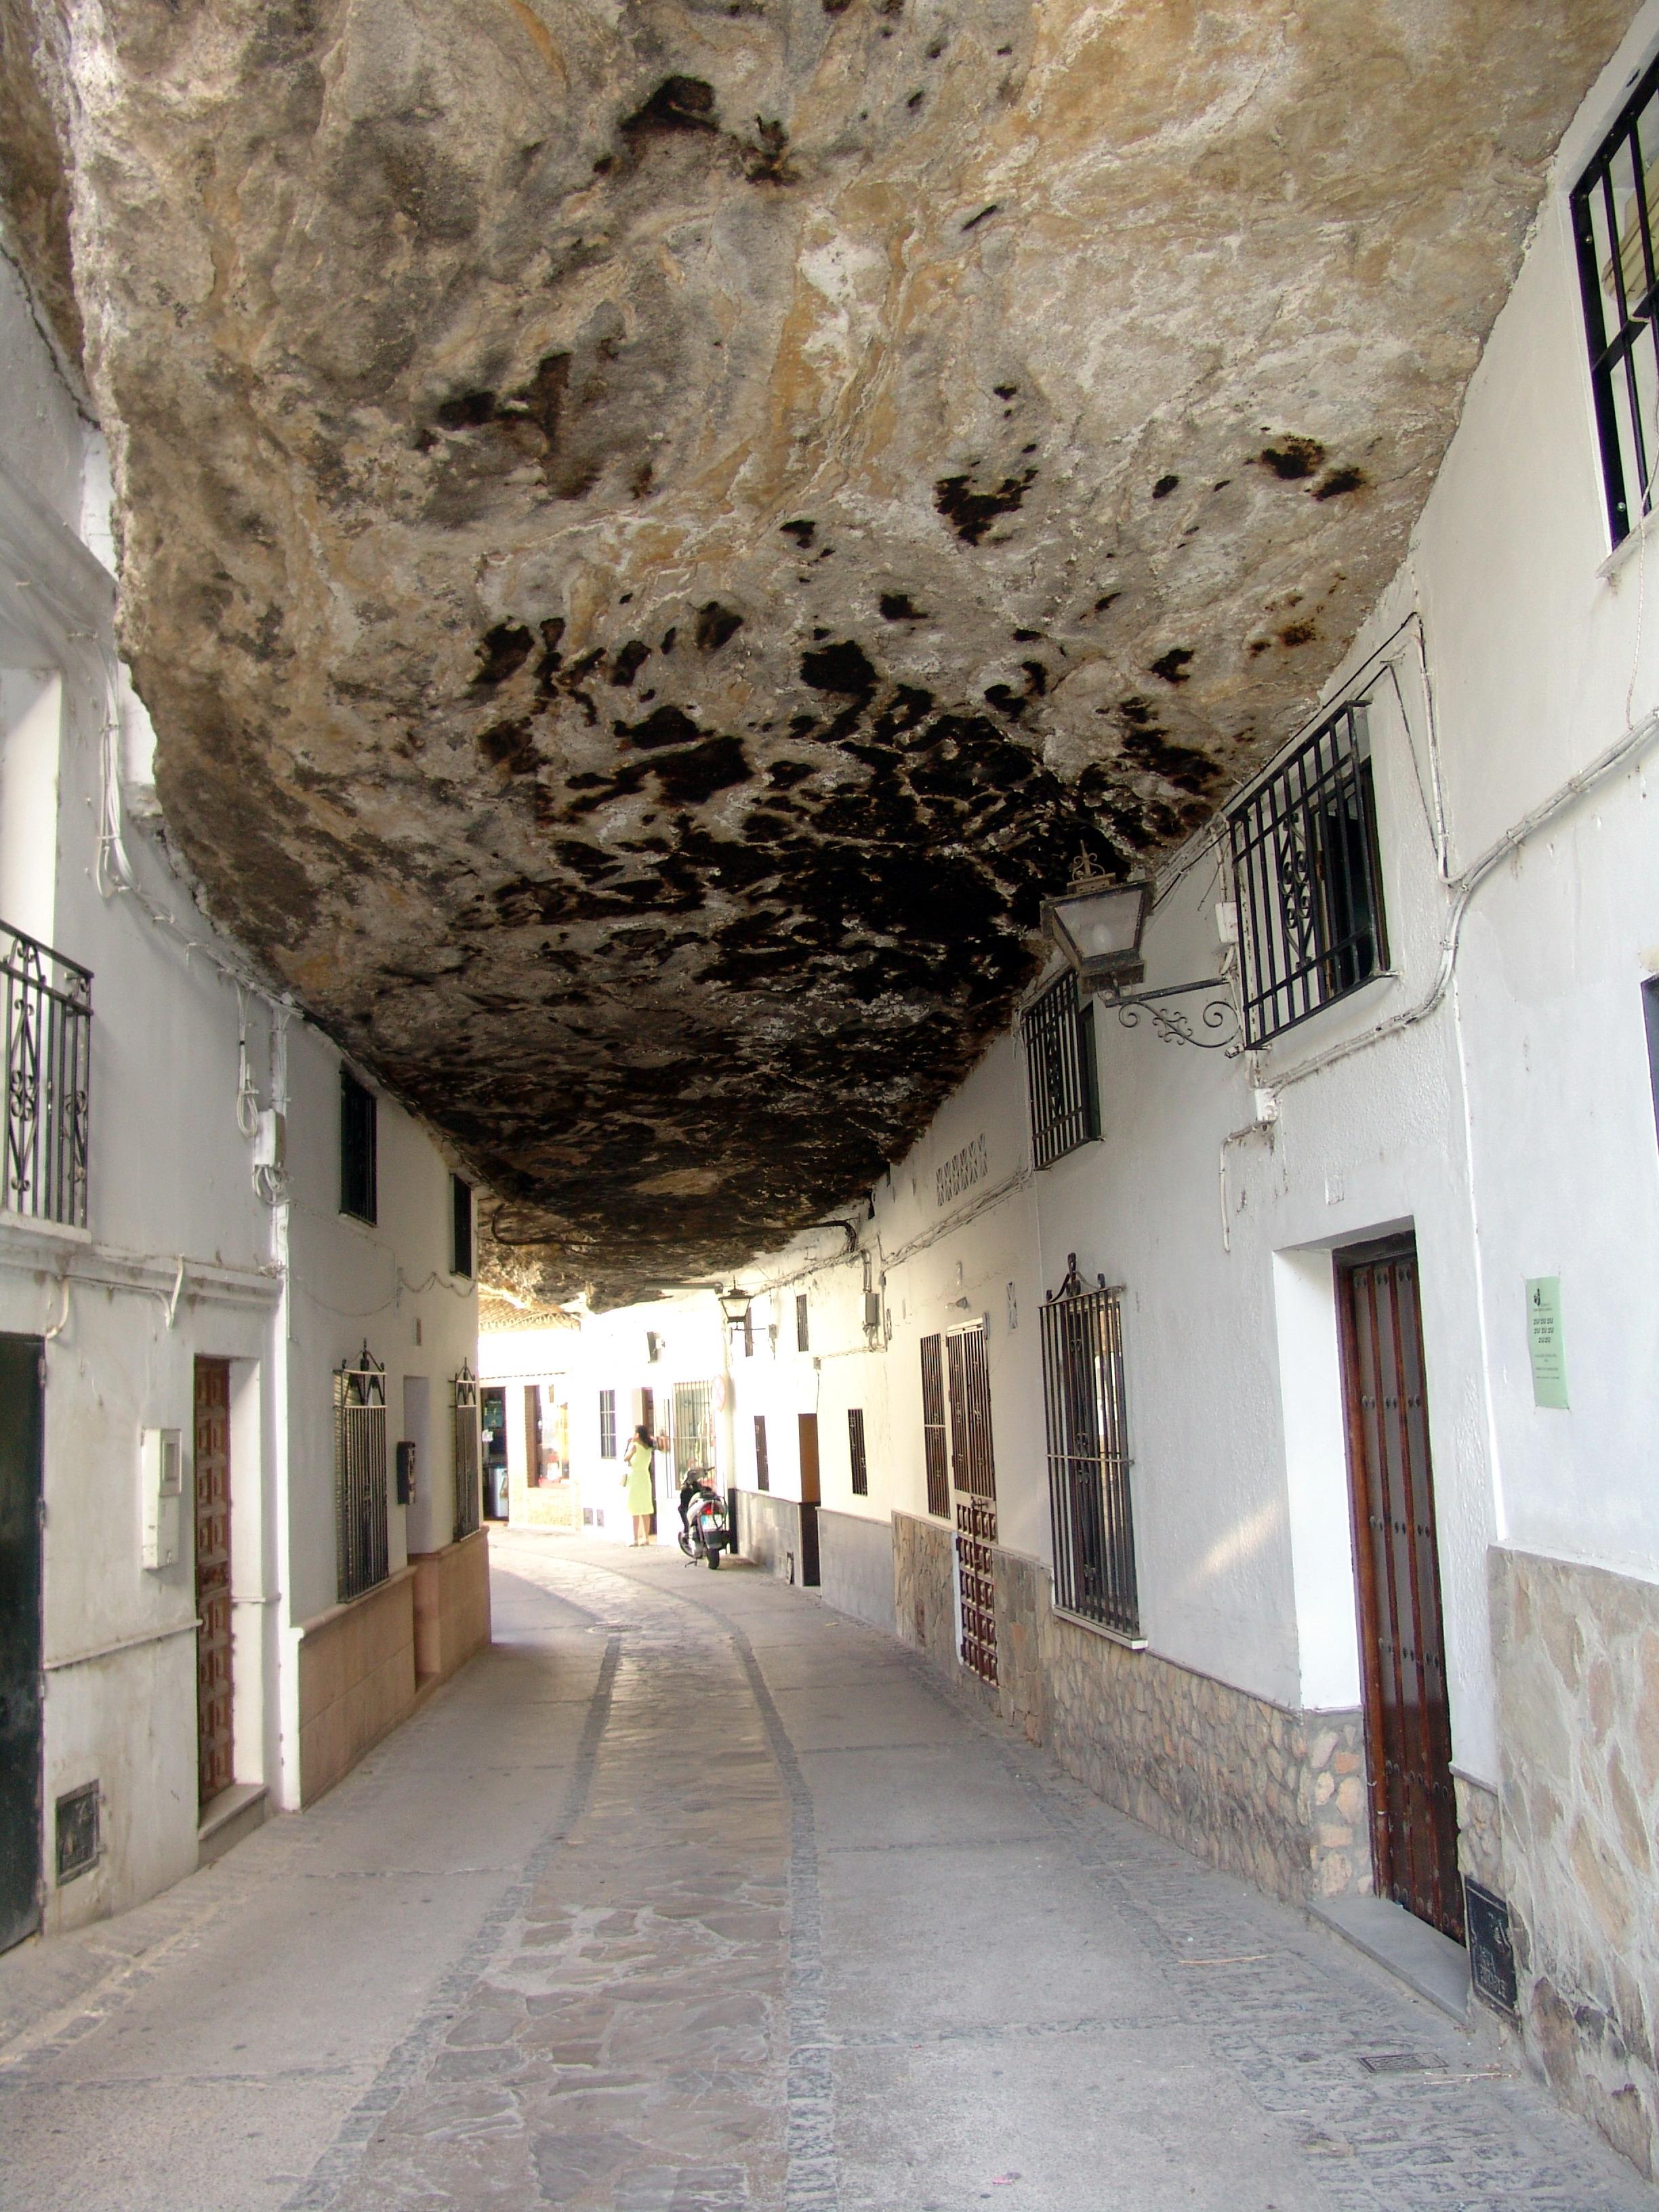 Vivir bajo una gigantesca roca: casas y pueblos ...